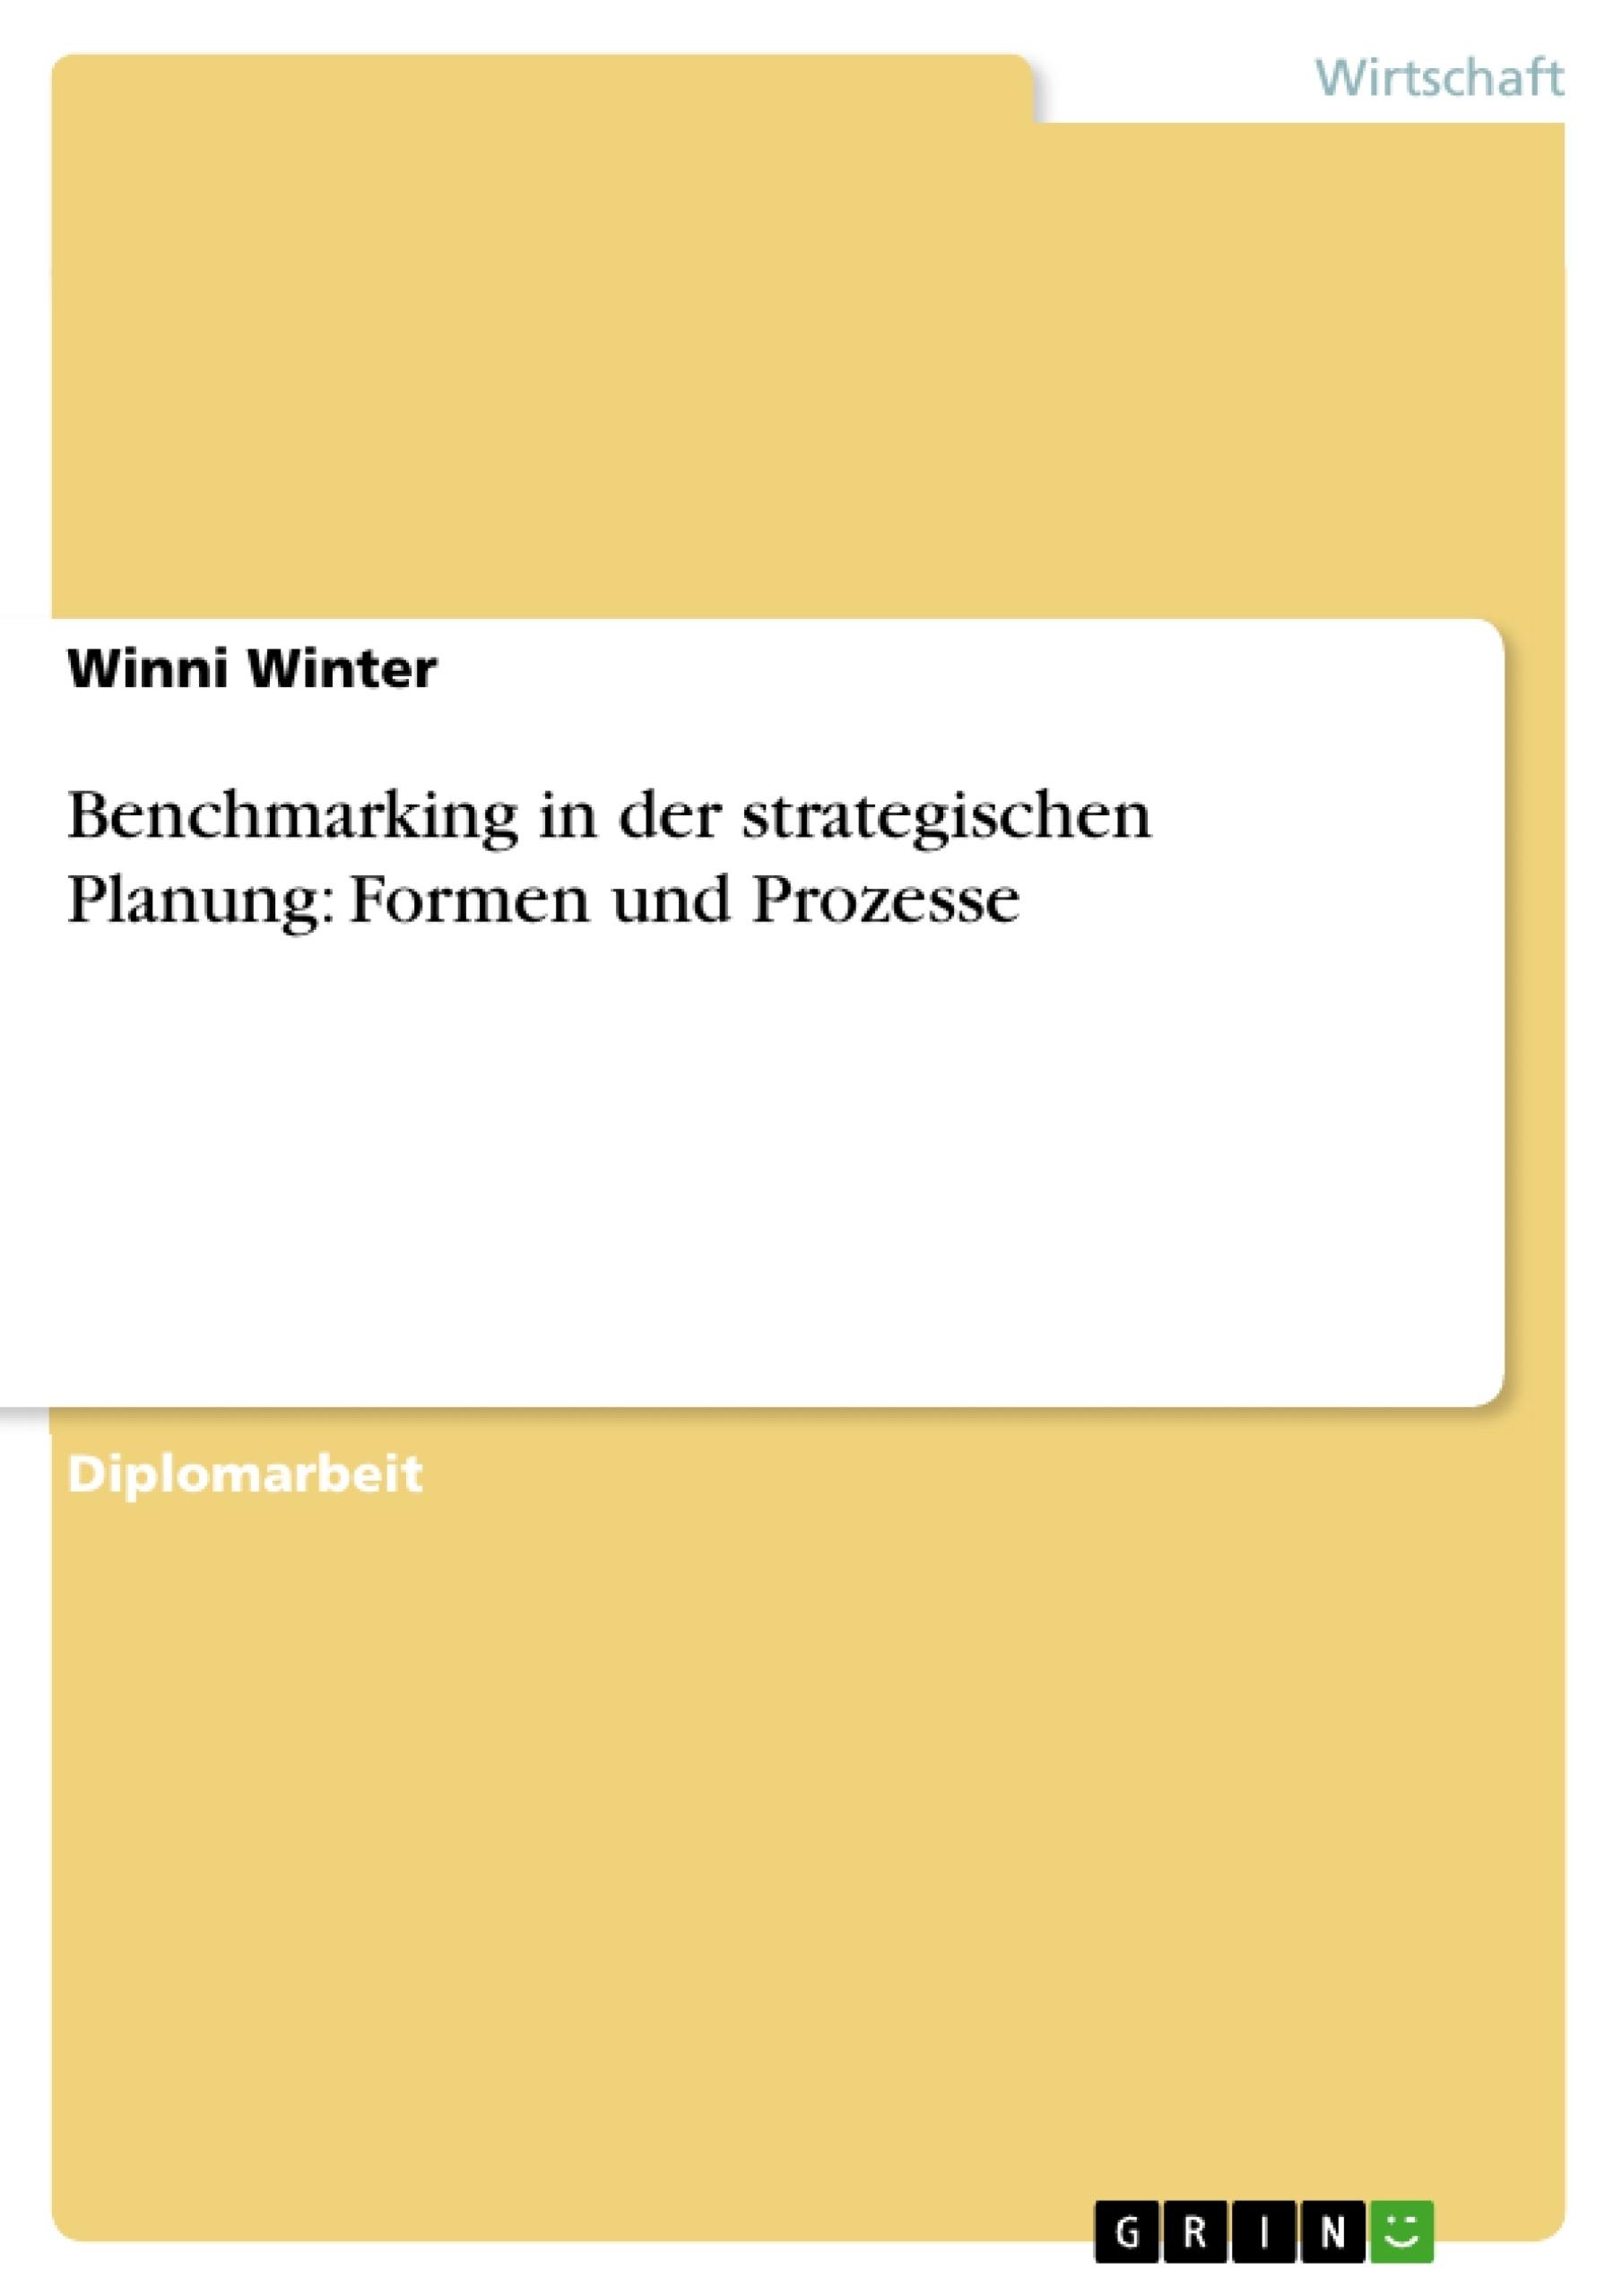 Titel: Benchmarking in der strategischen Planung: Formen und Prozesse